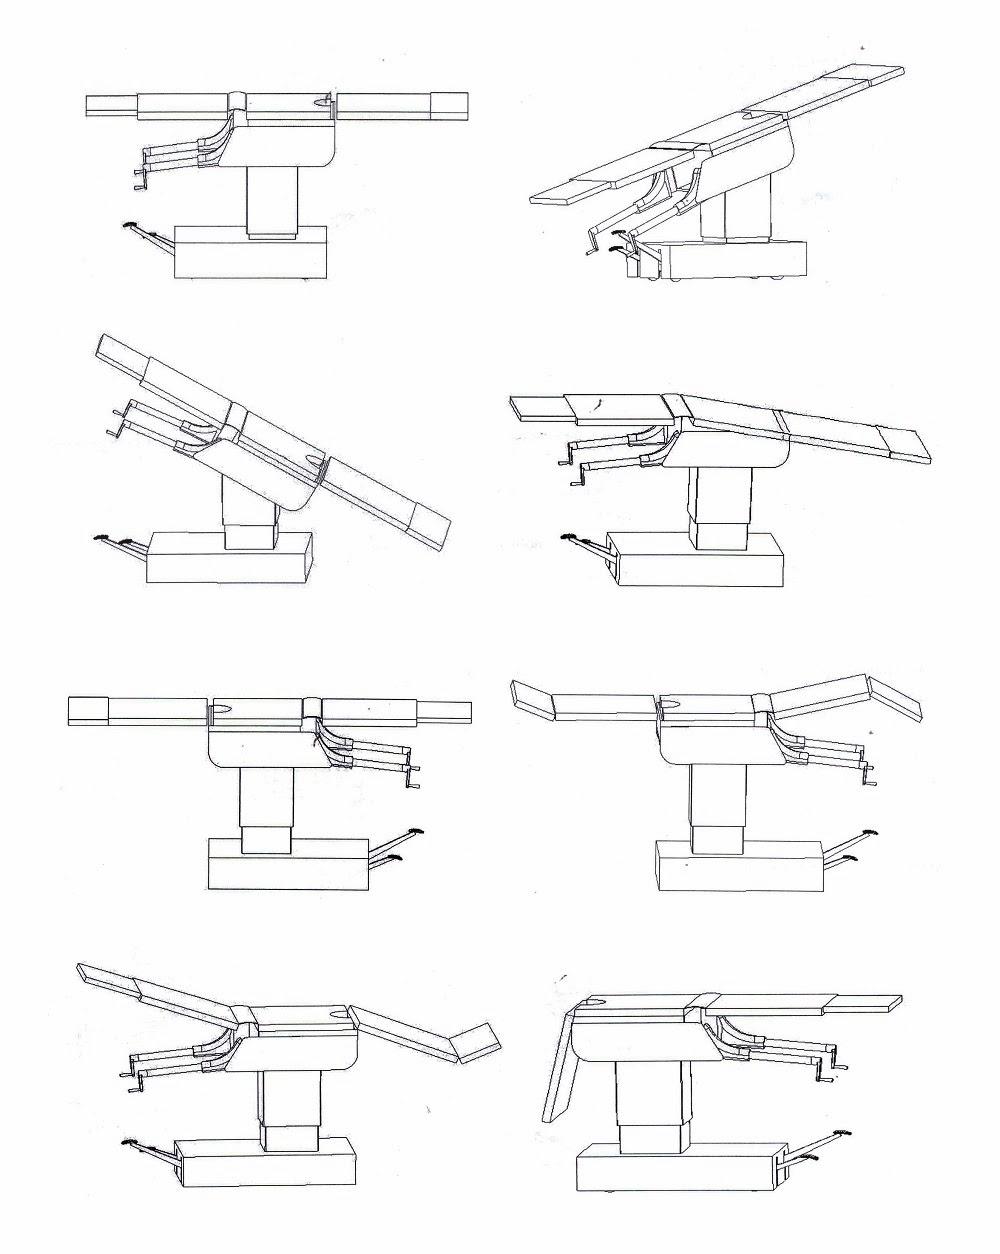 Posisi Fungsi Meja Operasi Manual 3008A